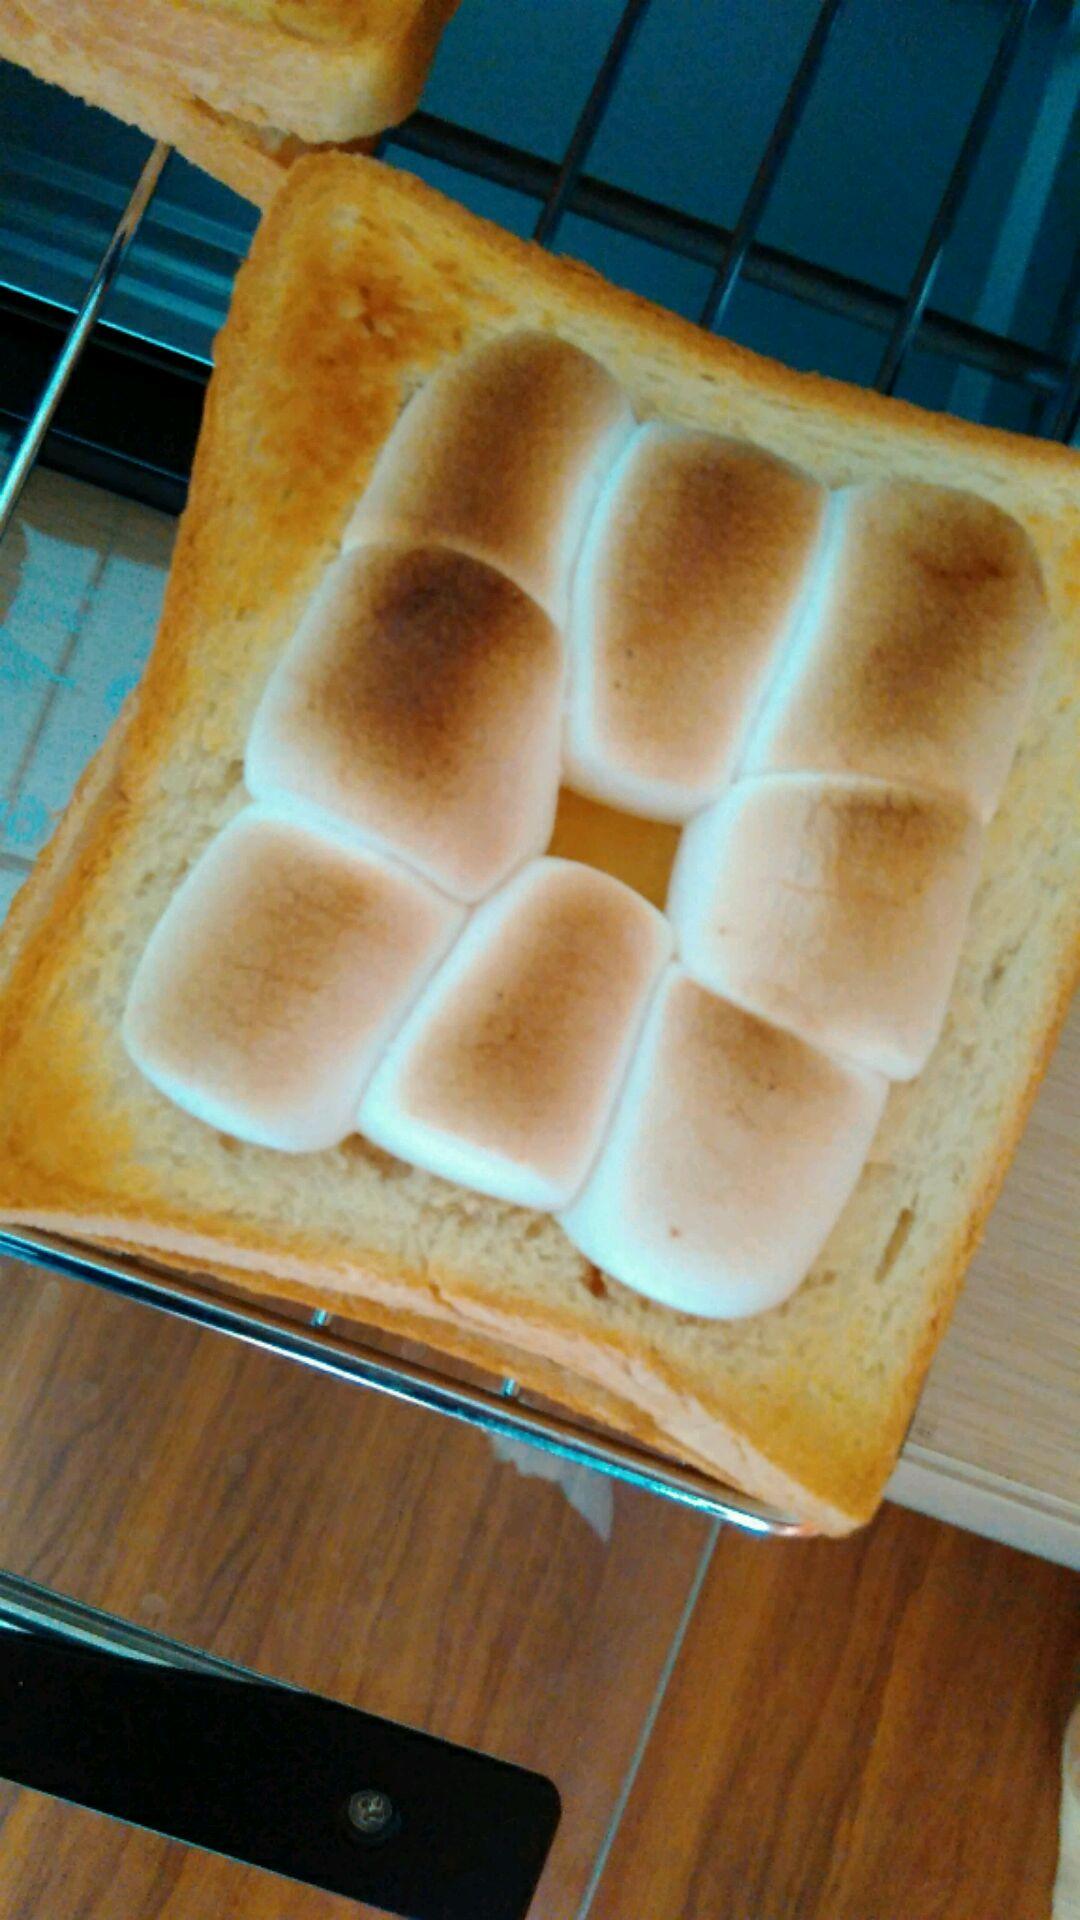 烤棉花糖面包的做法_【图解】烤棉花糖面包怎么做如何